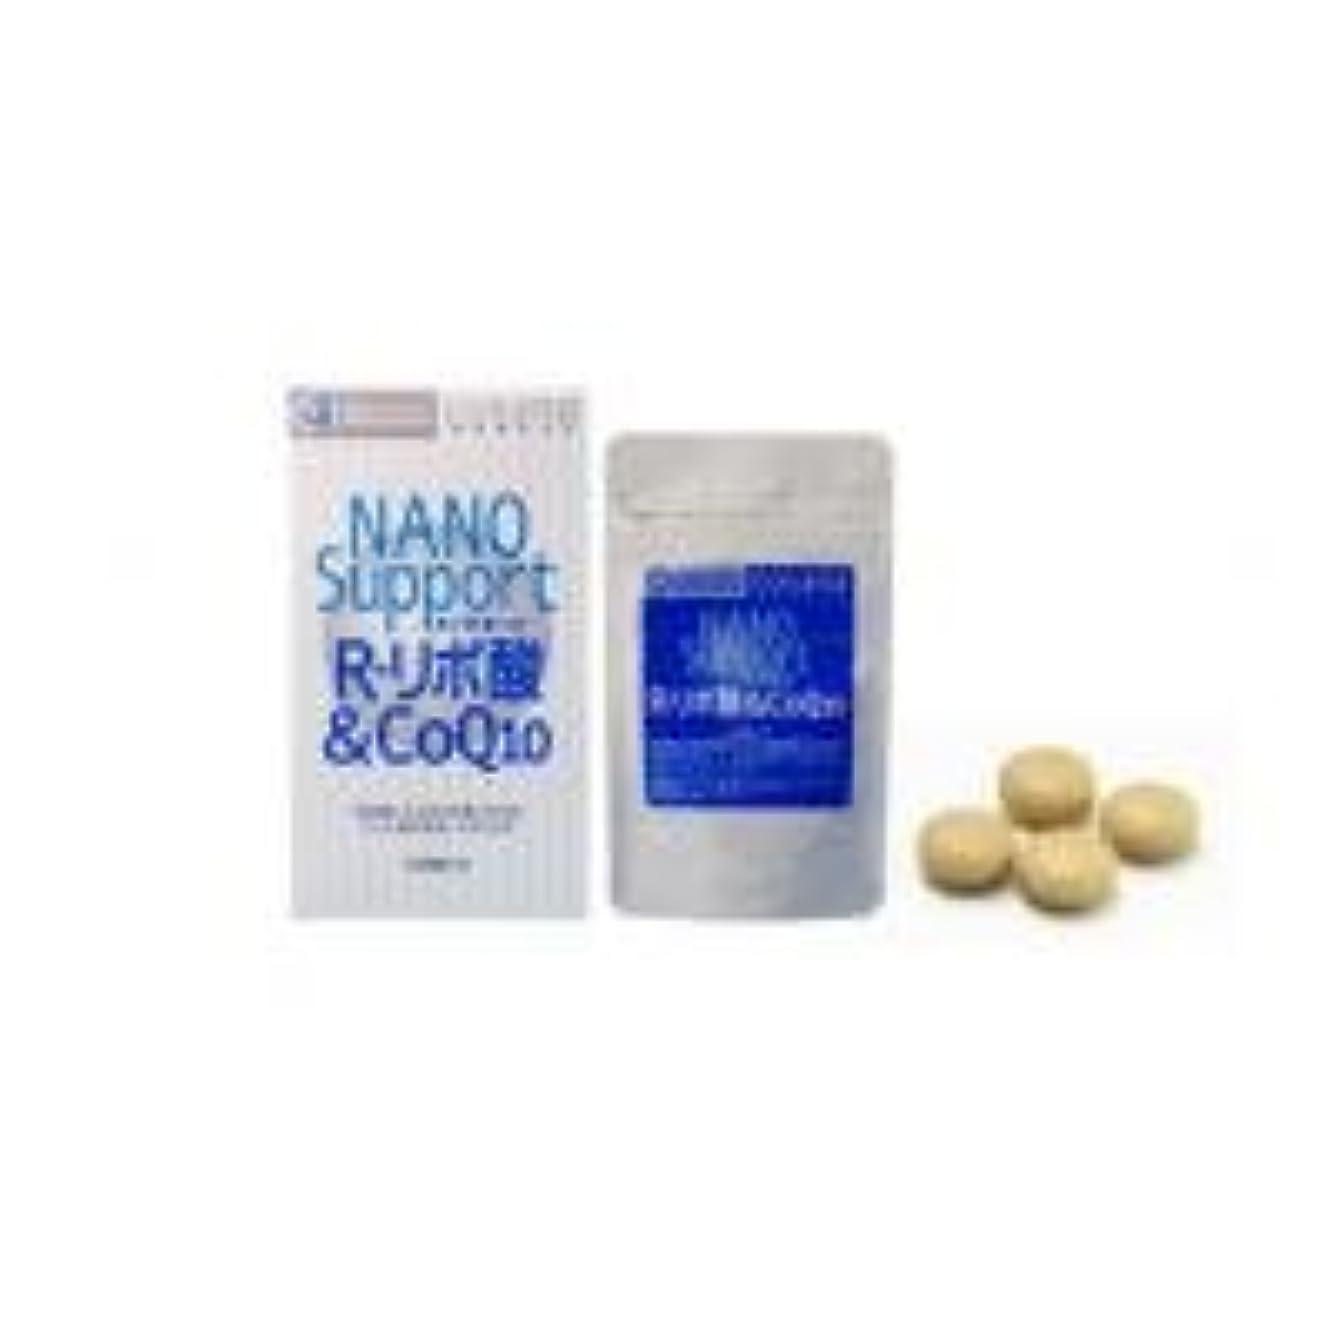 世界起きて純粋にナノサポートR-リポ酸&CoQ10